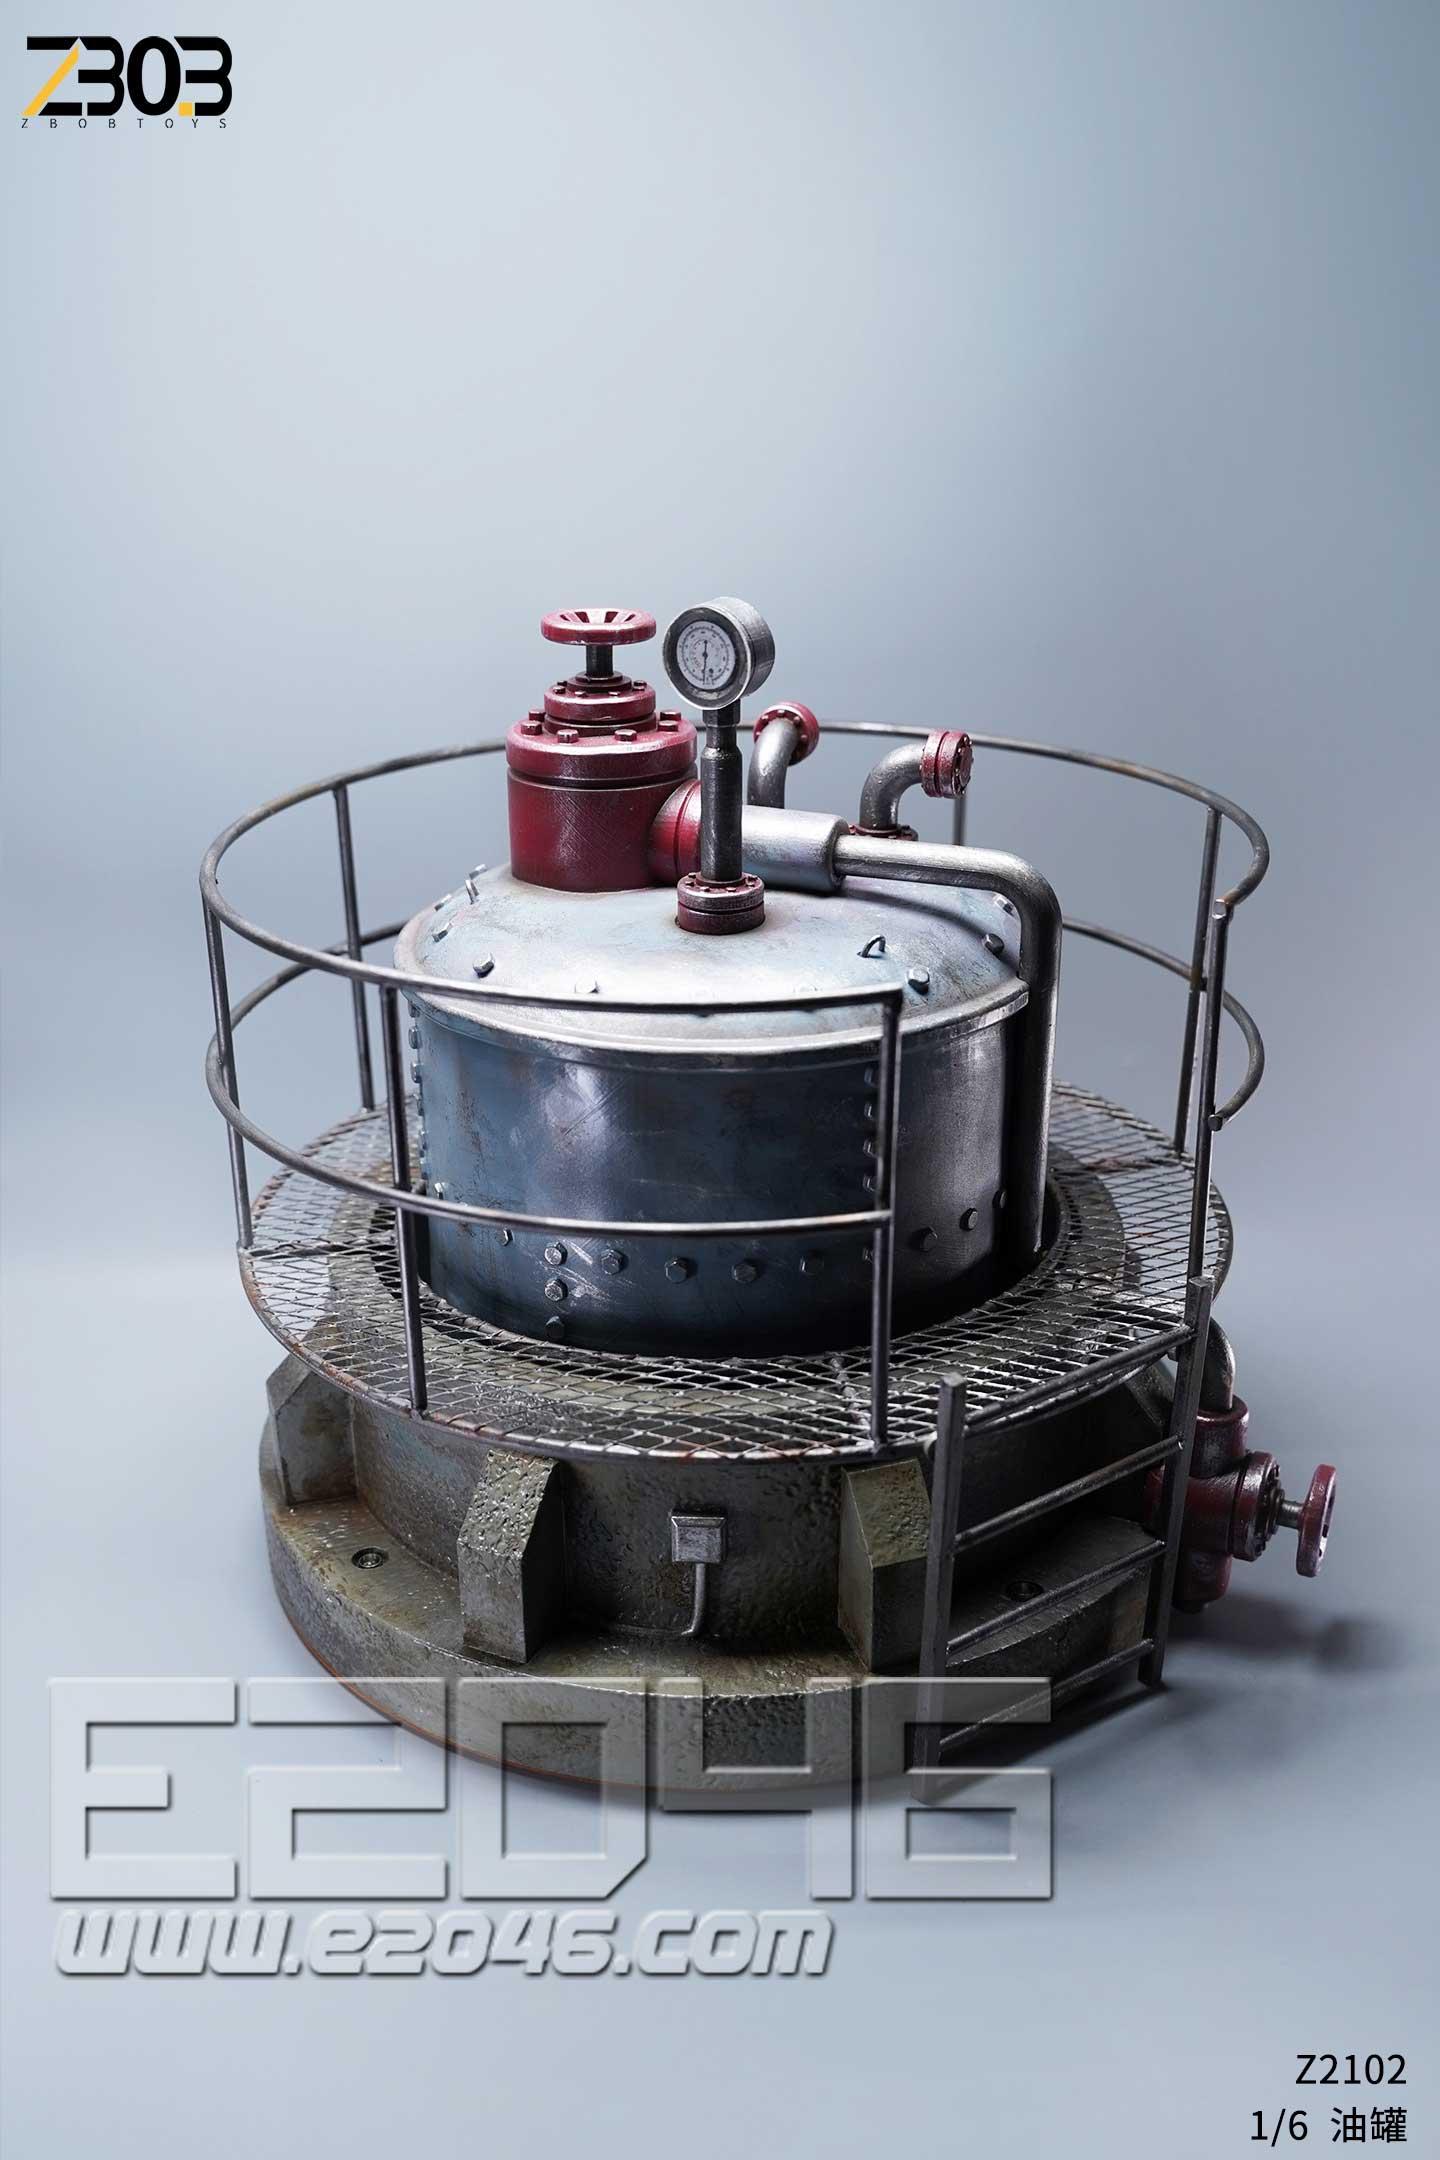 Factory Boiler Scene (DOLL)